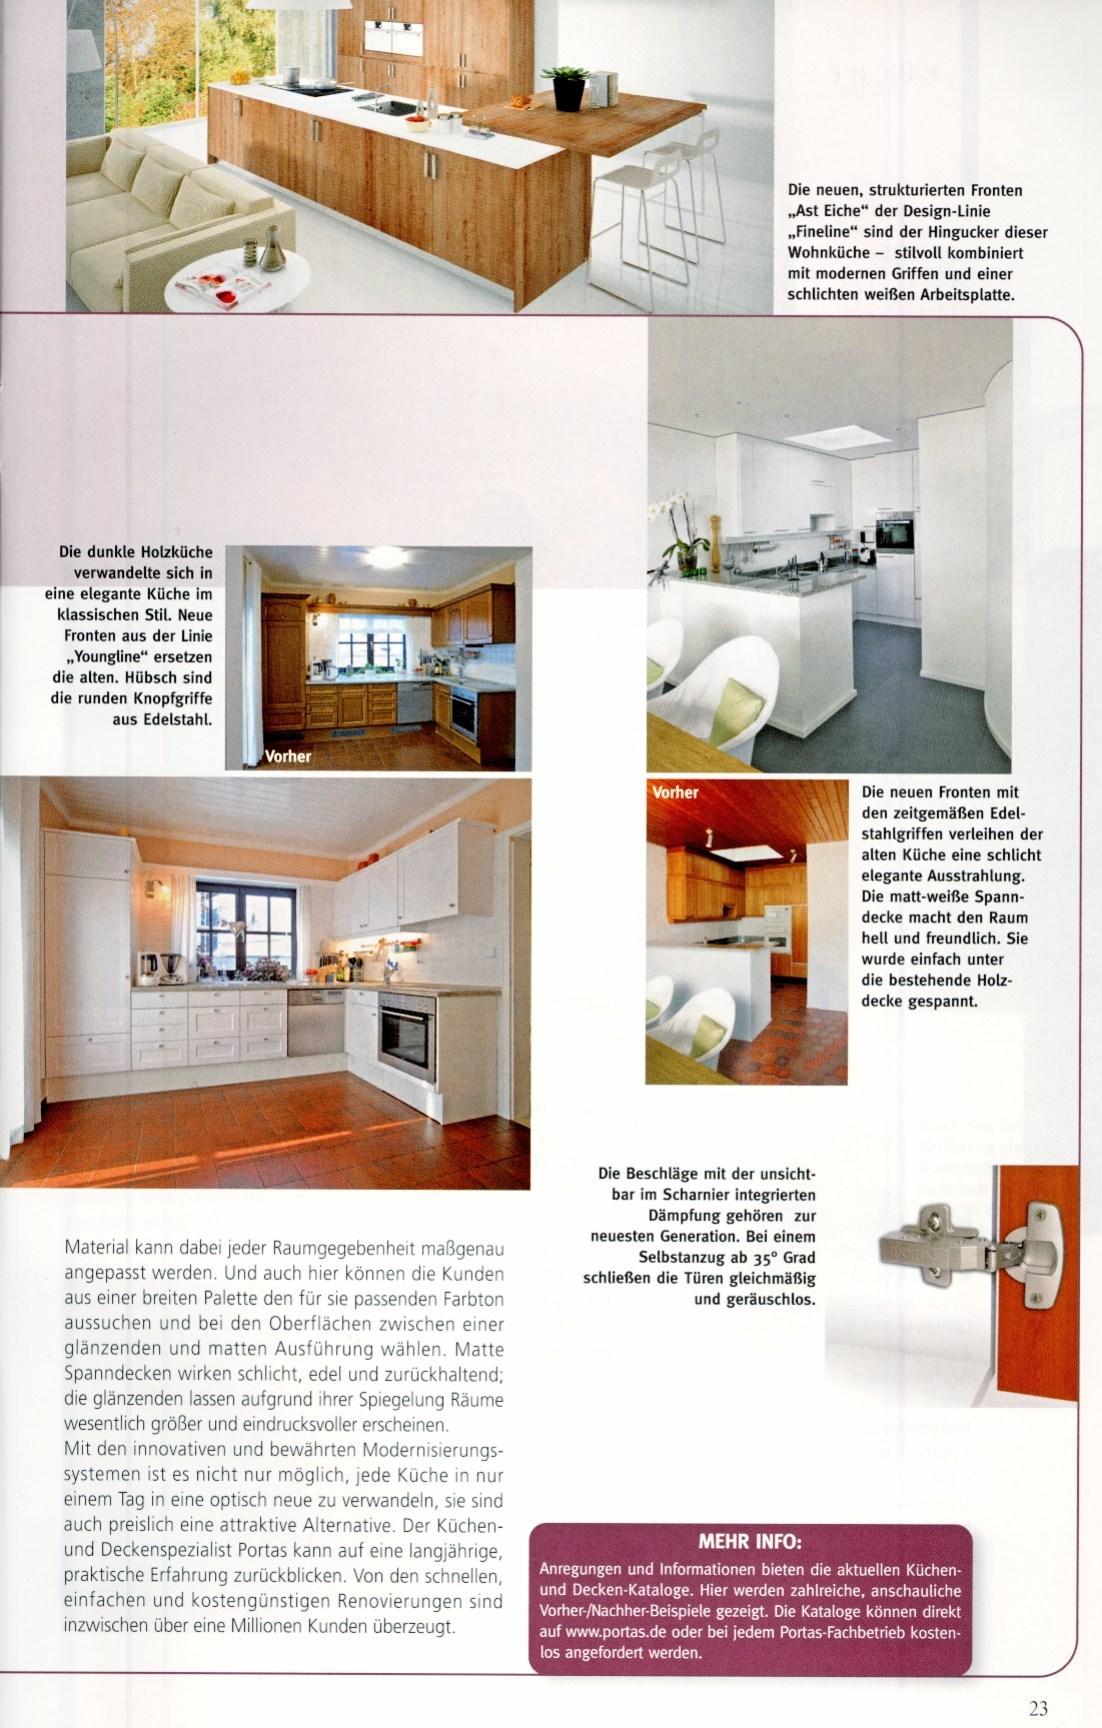 Charmant Dunkle Holzküche Galerie - Ideen Für Die Küche Dekoration ...